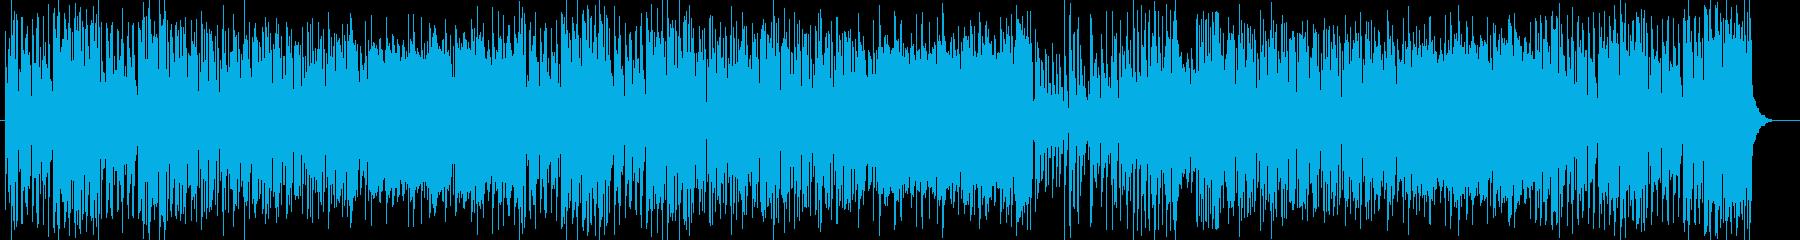 軽快なピアノで前向きになるポップスの再生済みの波形